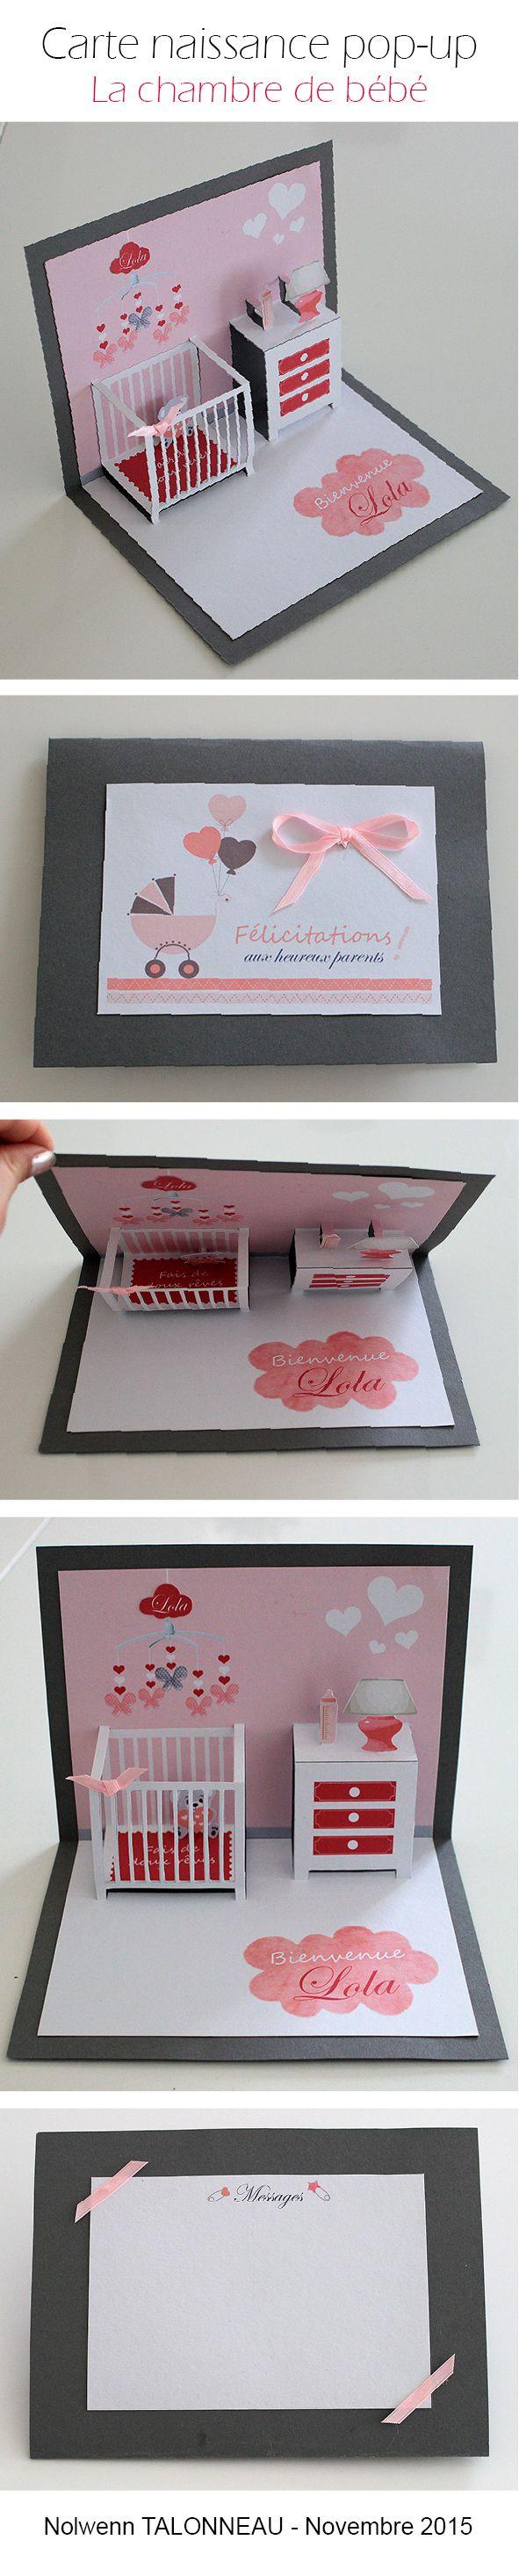 Carte pop up chambre de bébé fille. Chambre dessinée sur illustrator, imprimée sur papier Canson blanc et découpée au scalpel pour plus de précision. Idéale comme carte de voeux pour une naissance.